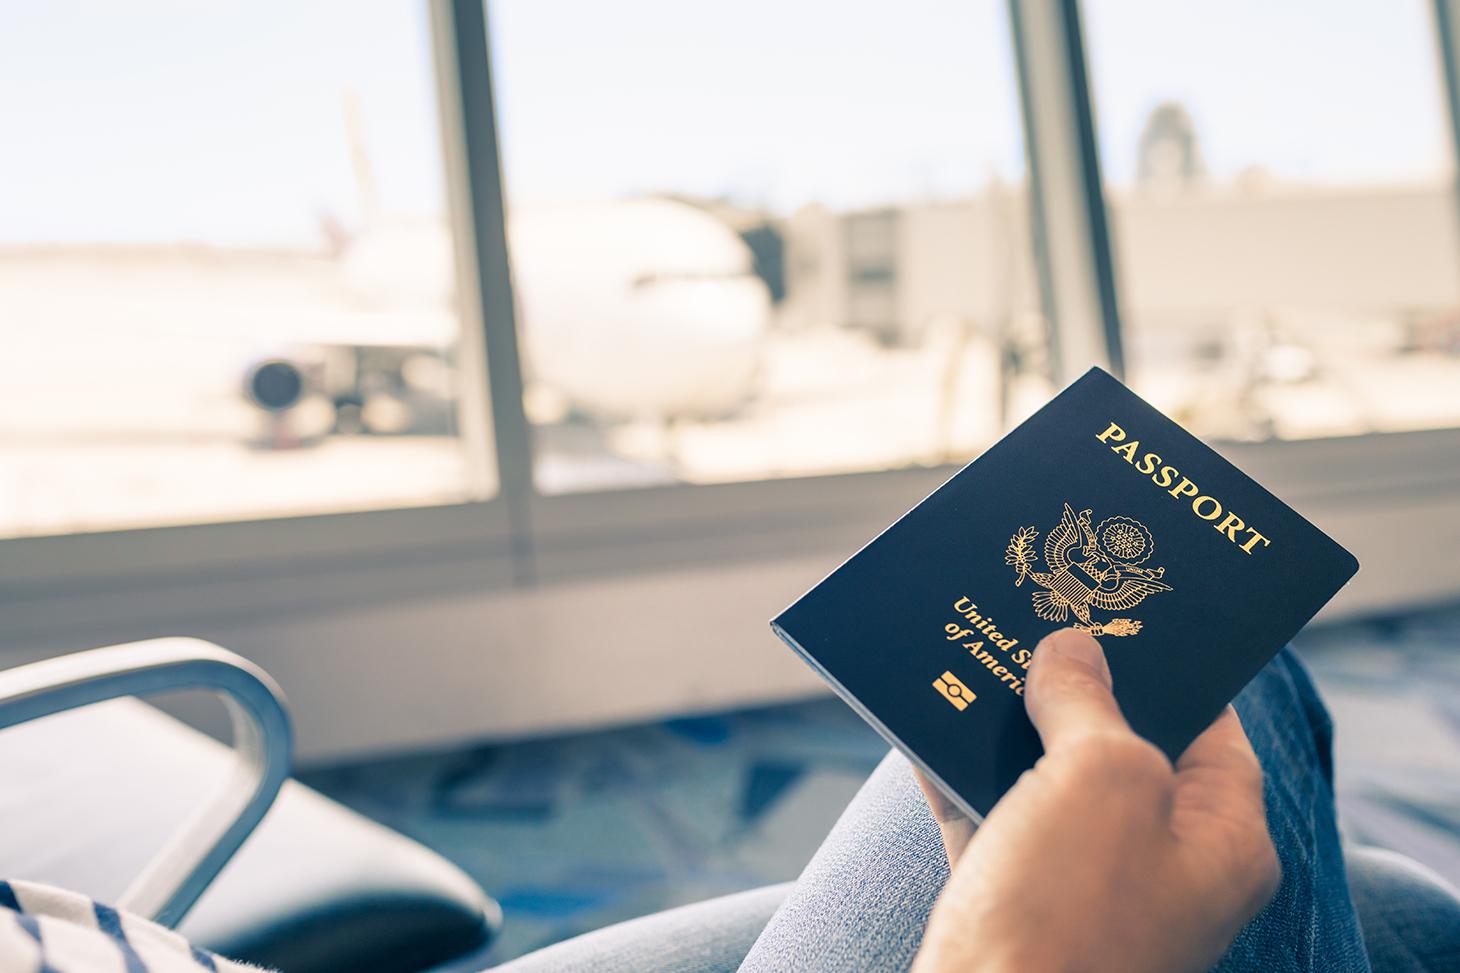 Un étudiant dans un aéroport